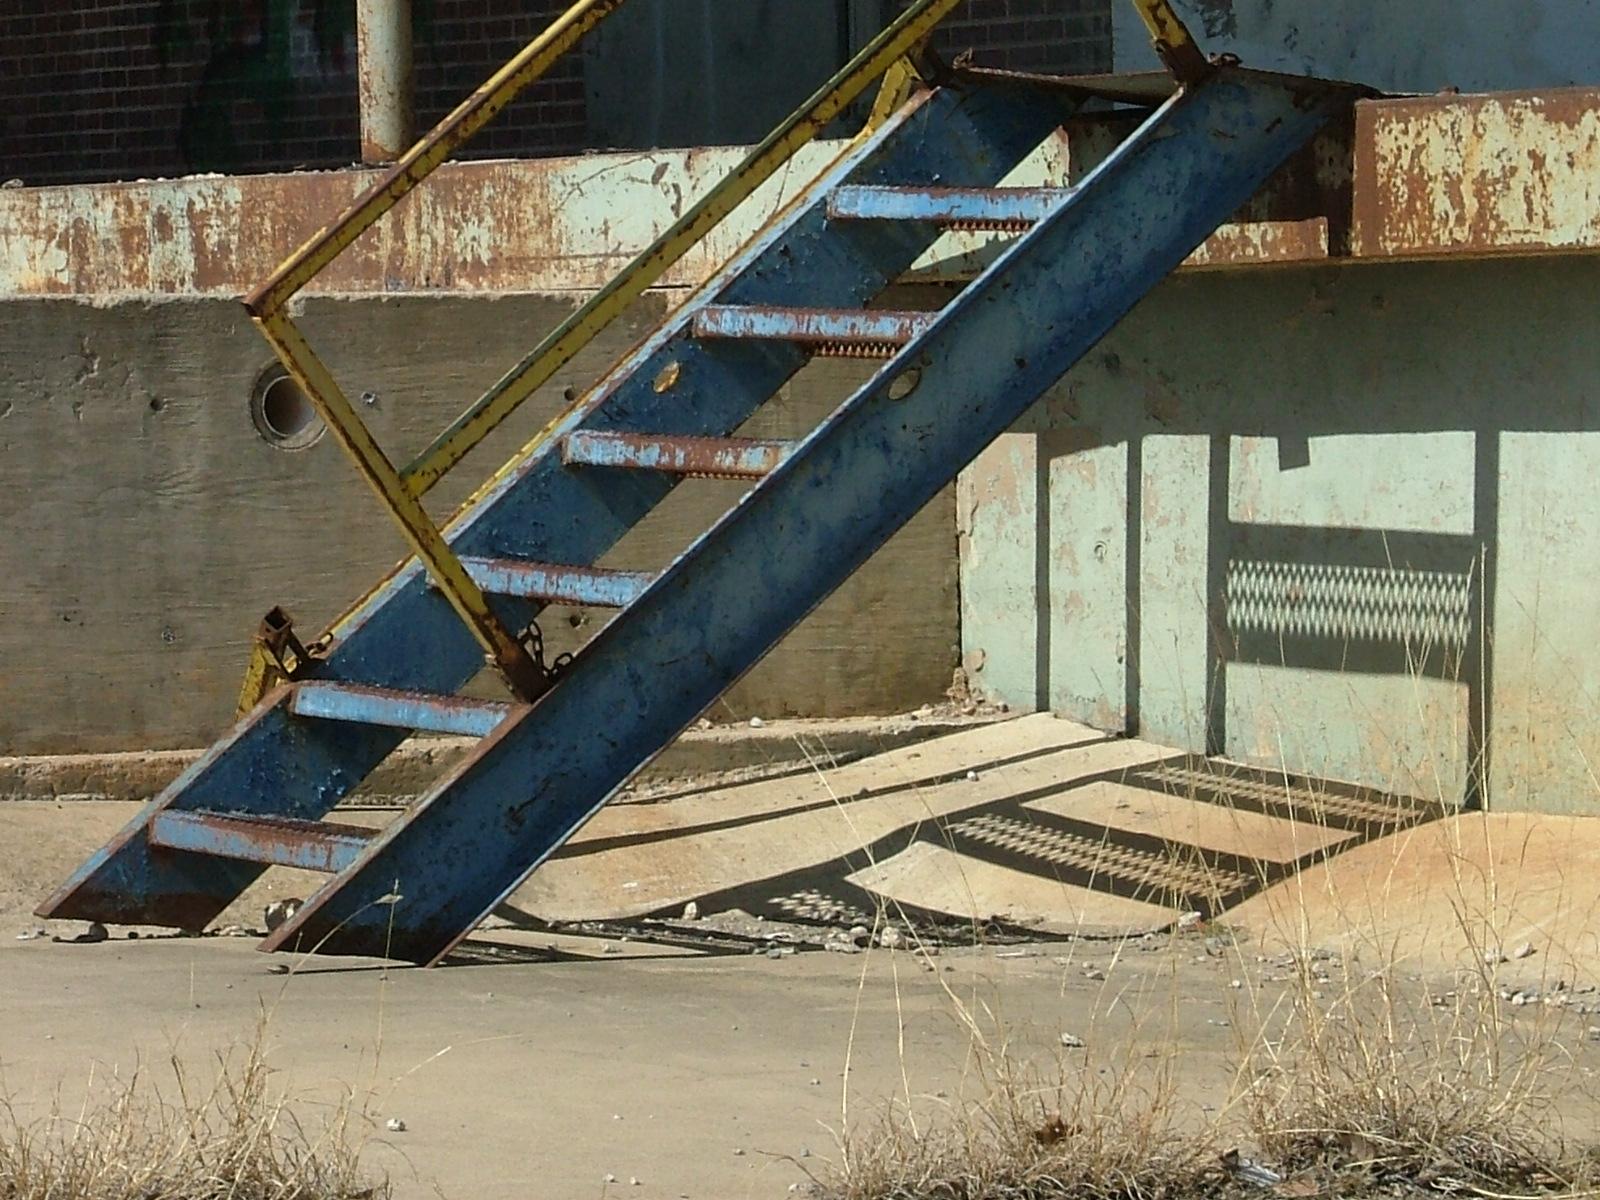 Holz Stehlen hintergrundbilder holz stehlen rost metall dock treppe